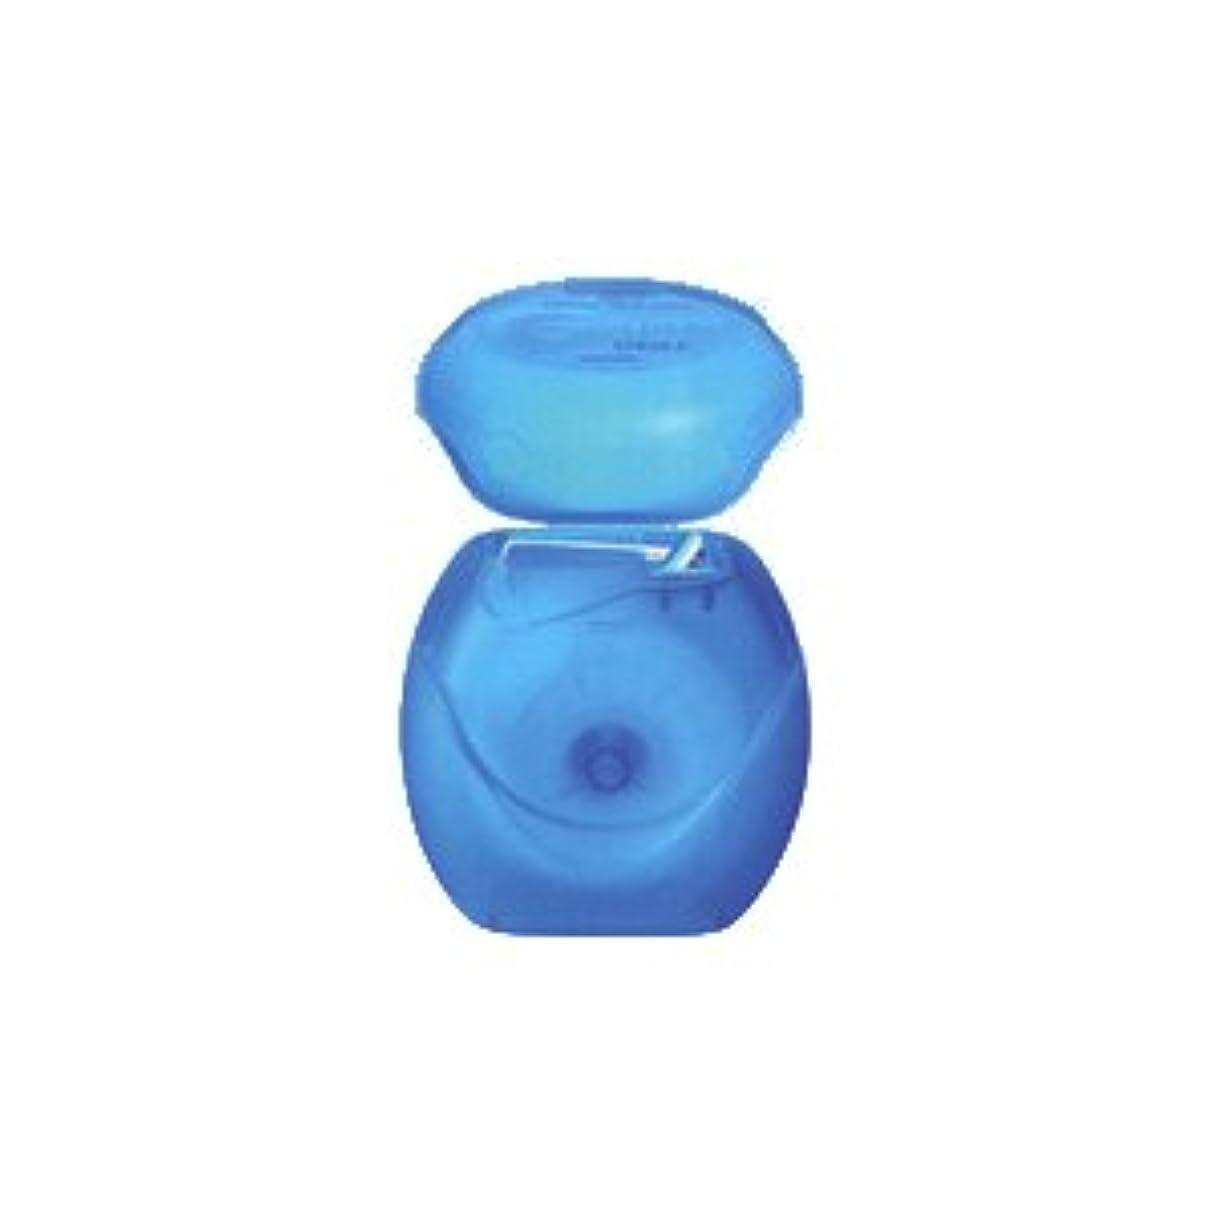 ライオン DENT.e-floss デントイーフロス 1個 (ブルー)